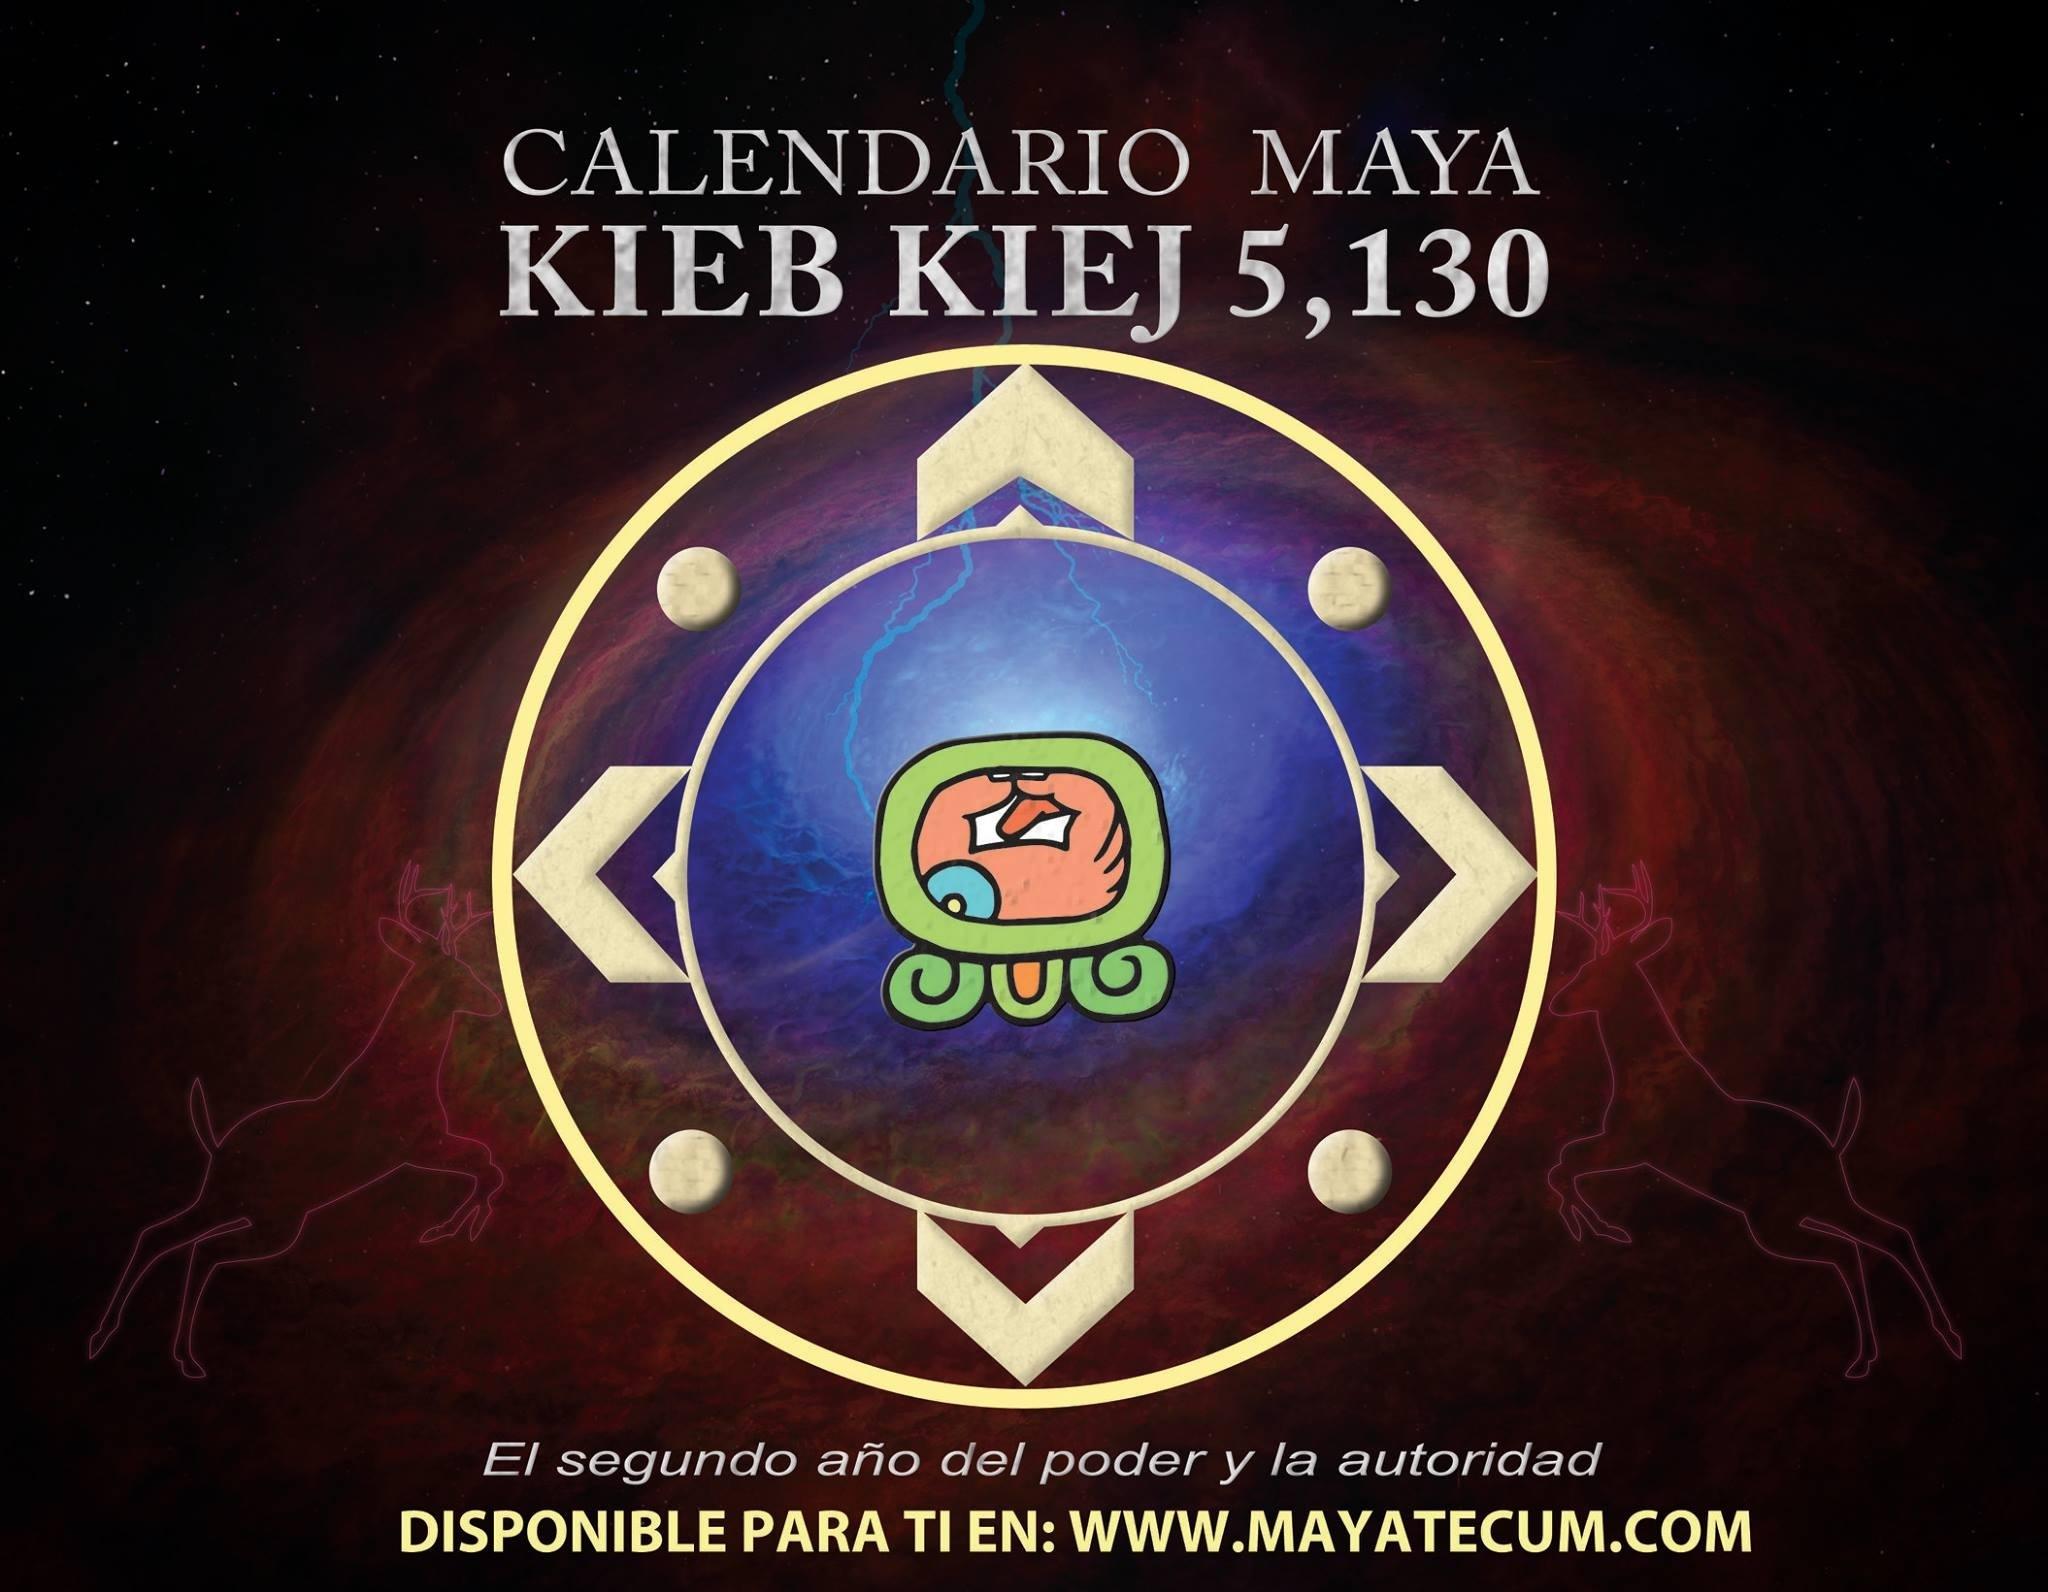 シカ13に訊く5月の運勢は?_b0213435_13510596.jpg